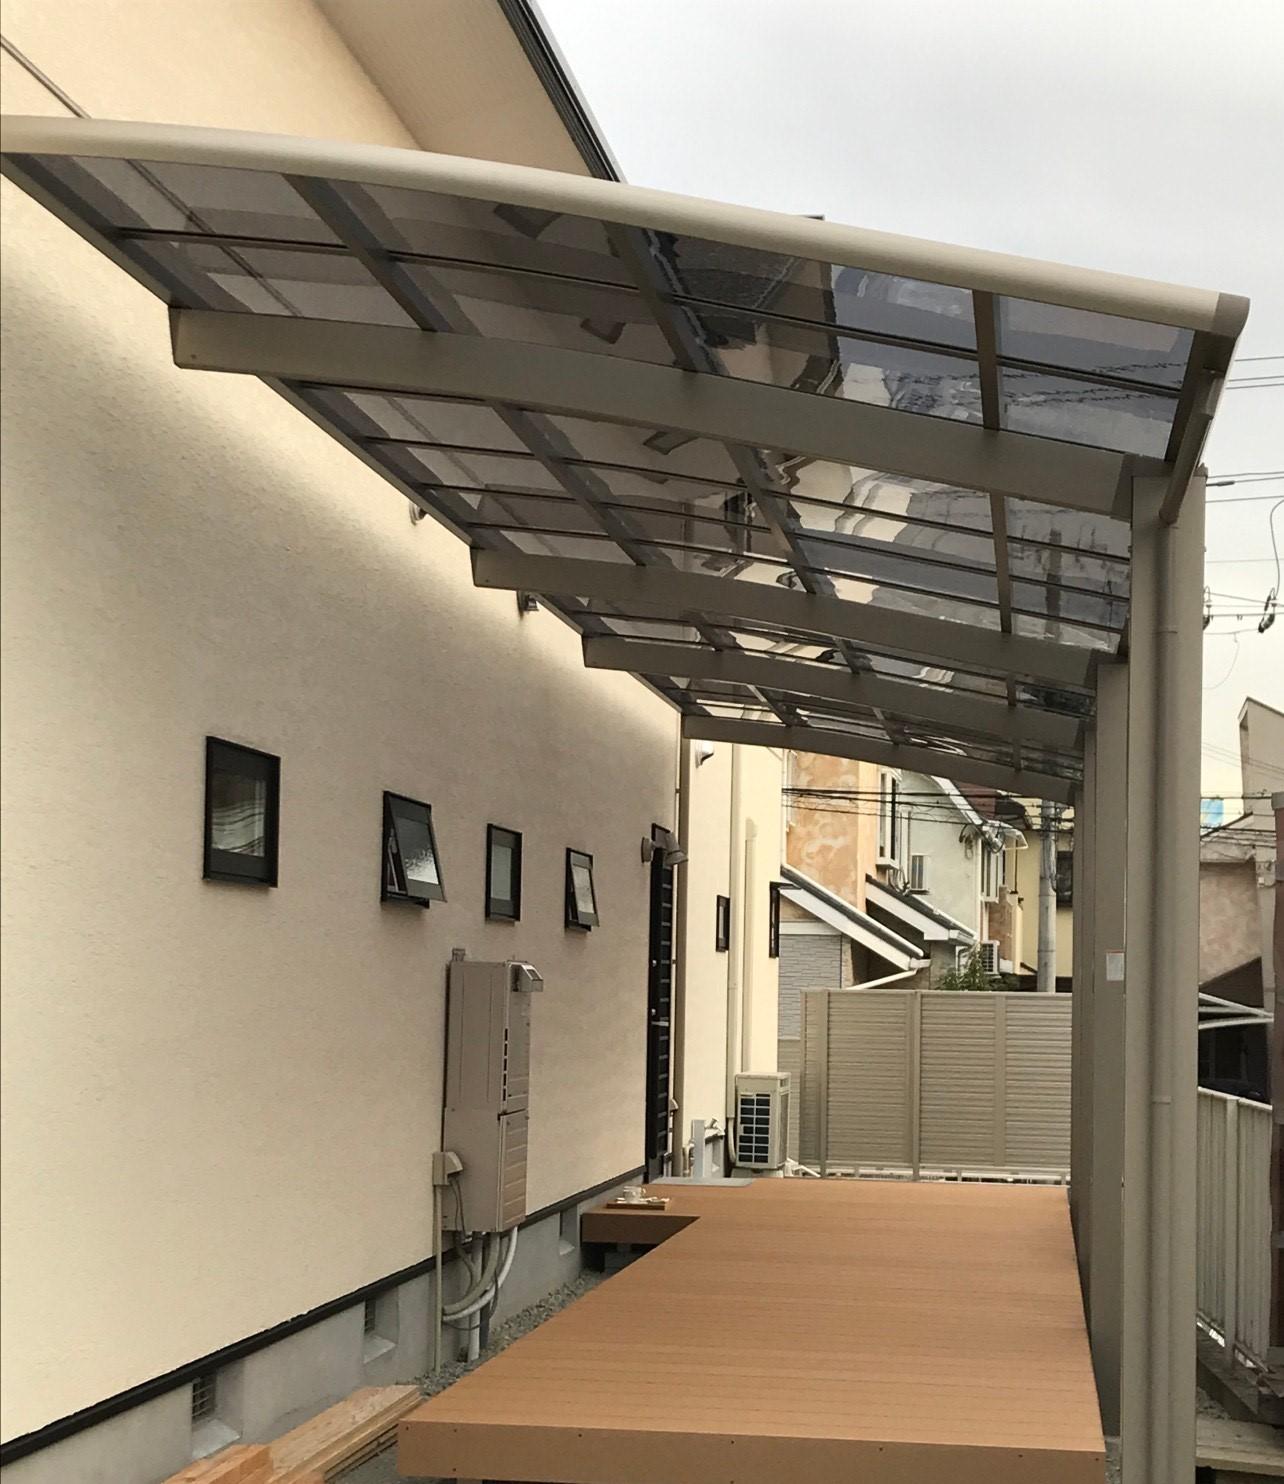 LIXILデッキ『レストステージ』&テラス屋根『ネスカR』